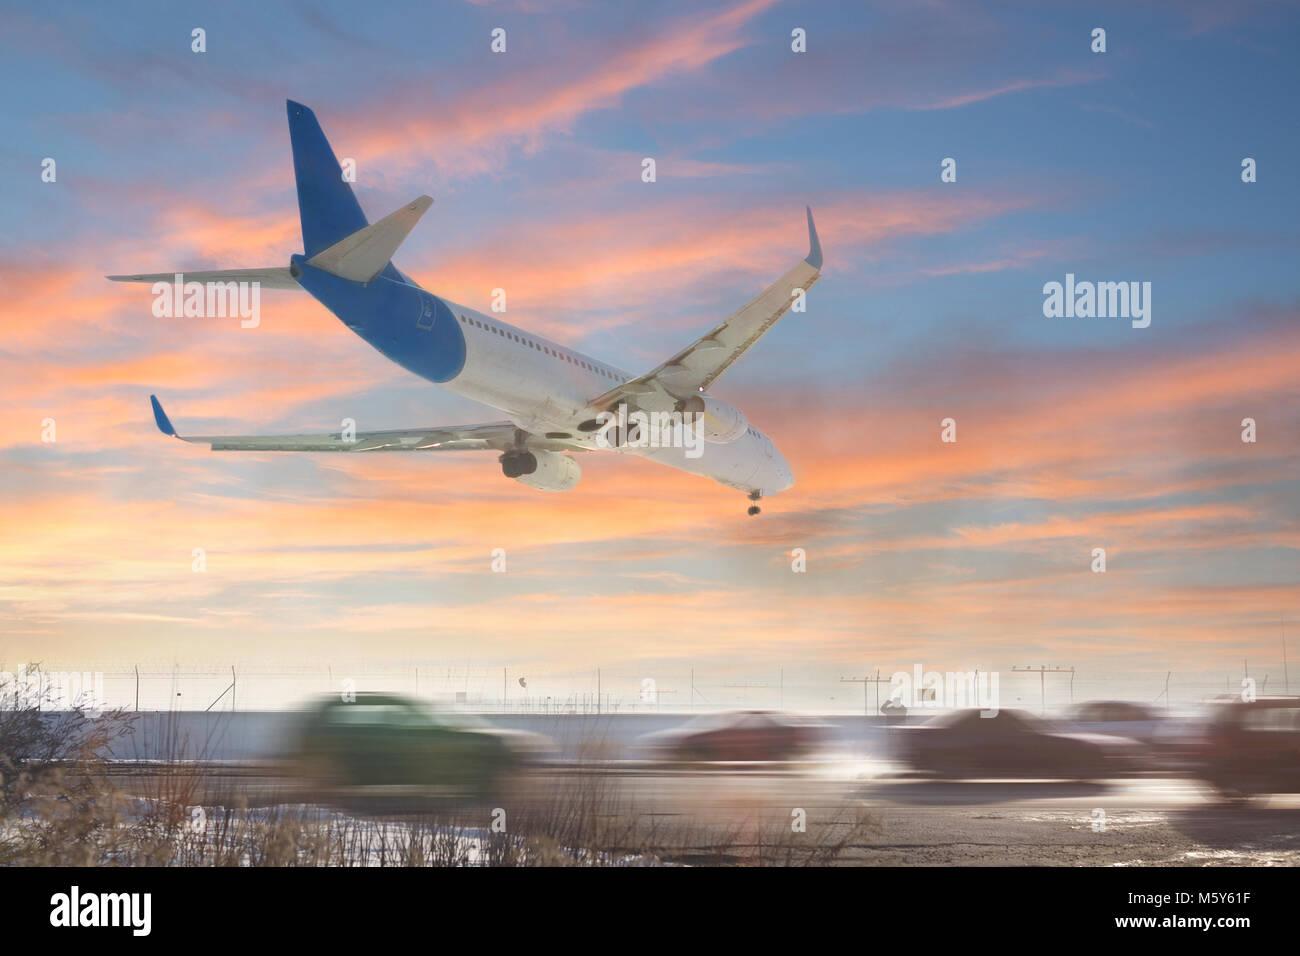 Schwanz Ansicht der Landung Flugzeug. Flugzeuge fliegen über die Autobahn. Straße mit hohem Verkehrsaufkommen Stockbild